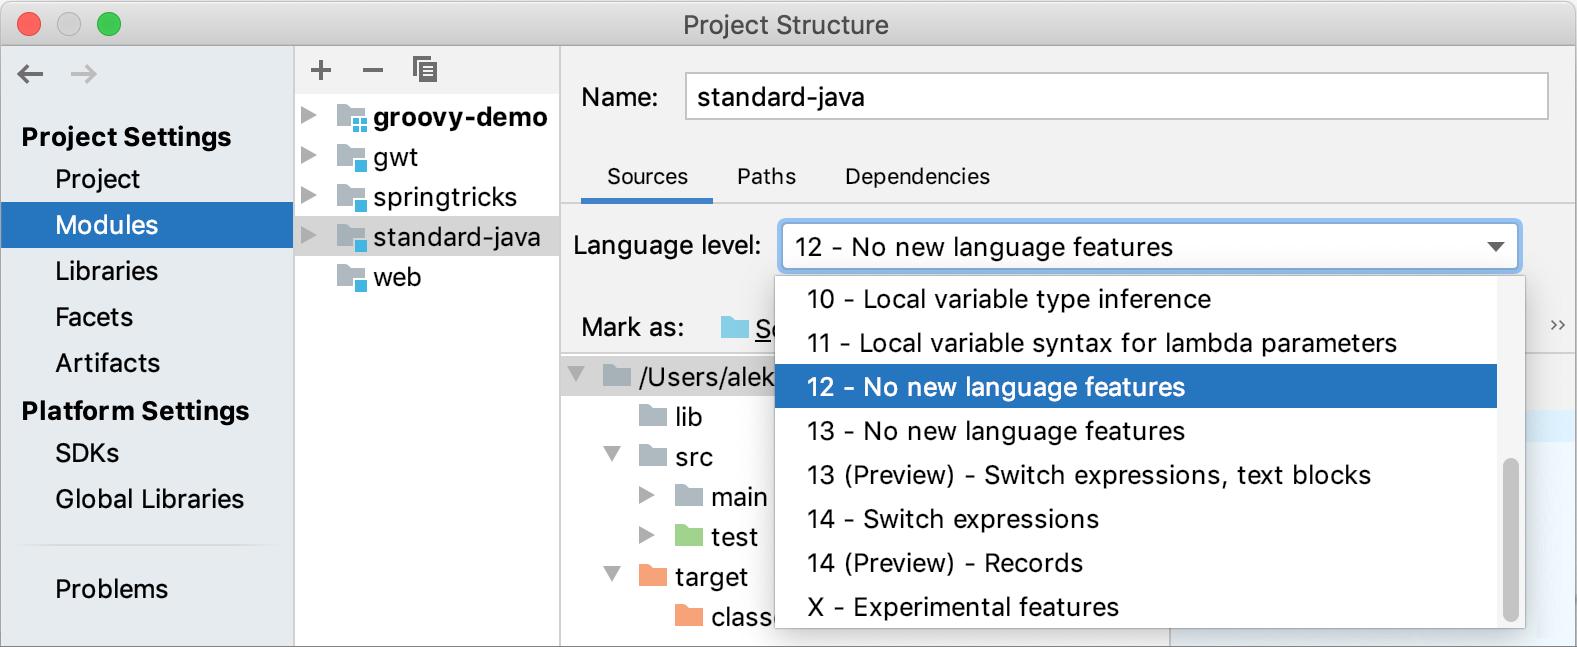 Specifying the module language level